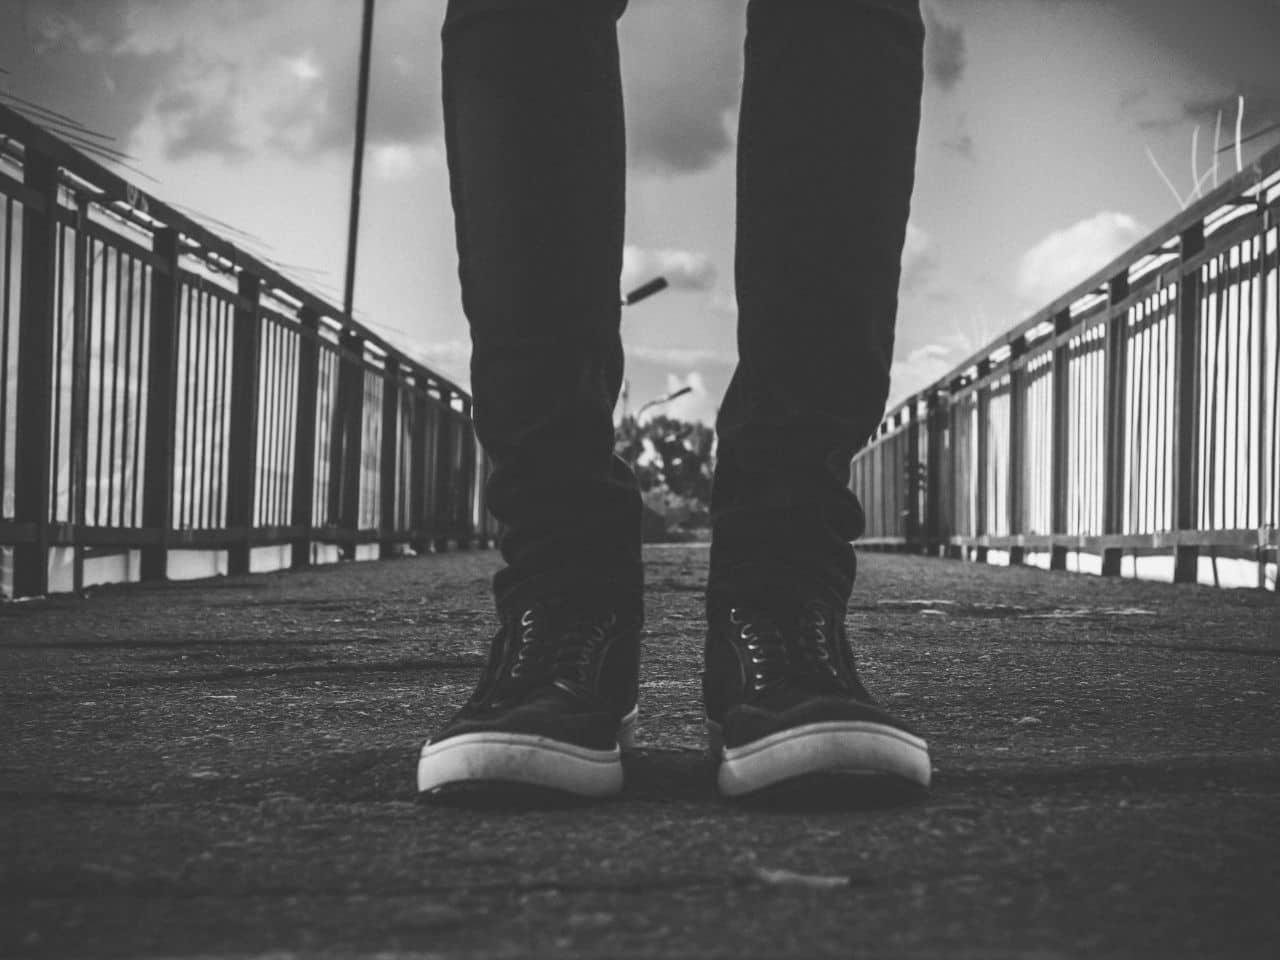 橋の上に立つ男性の両脚